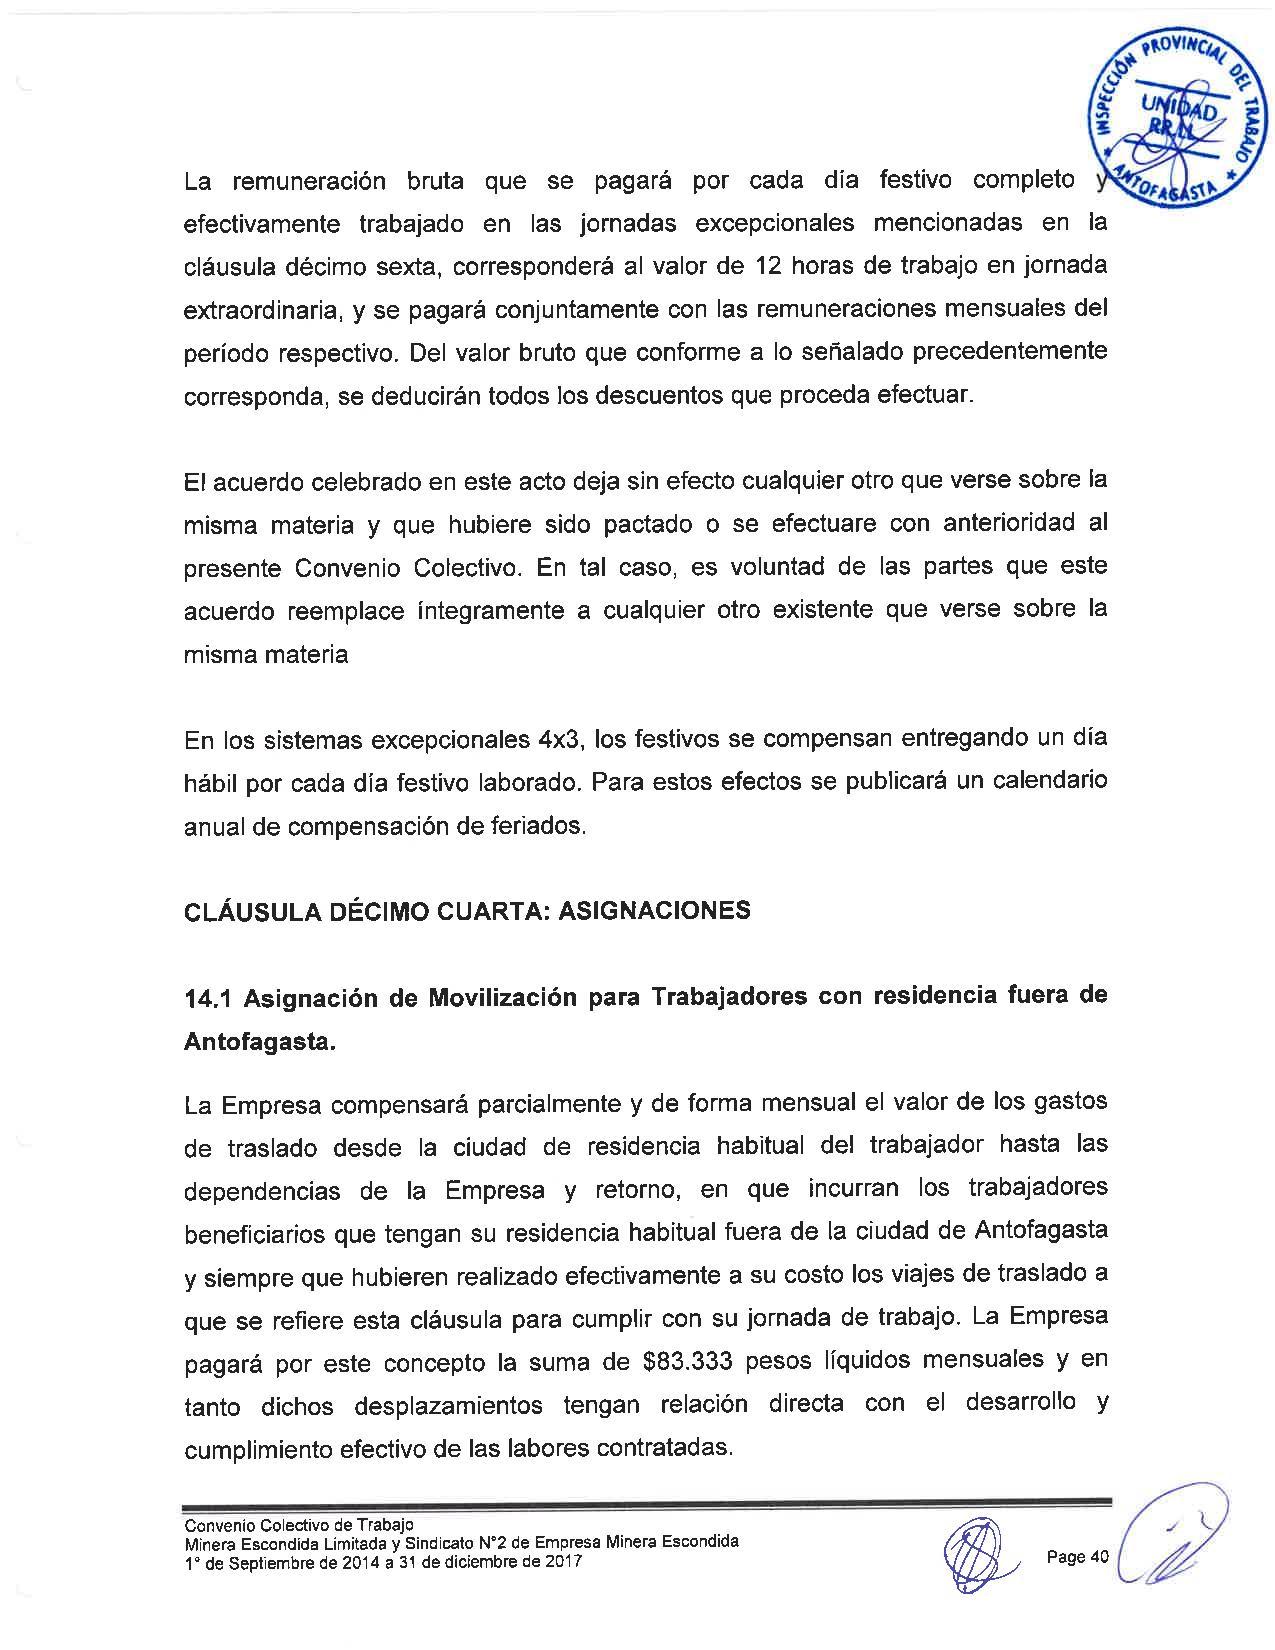 Página (40).jpg